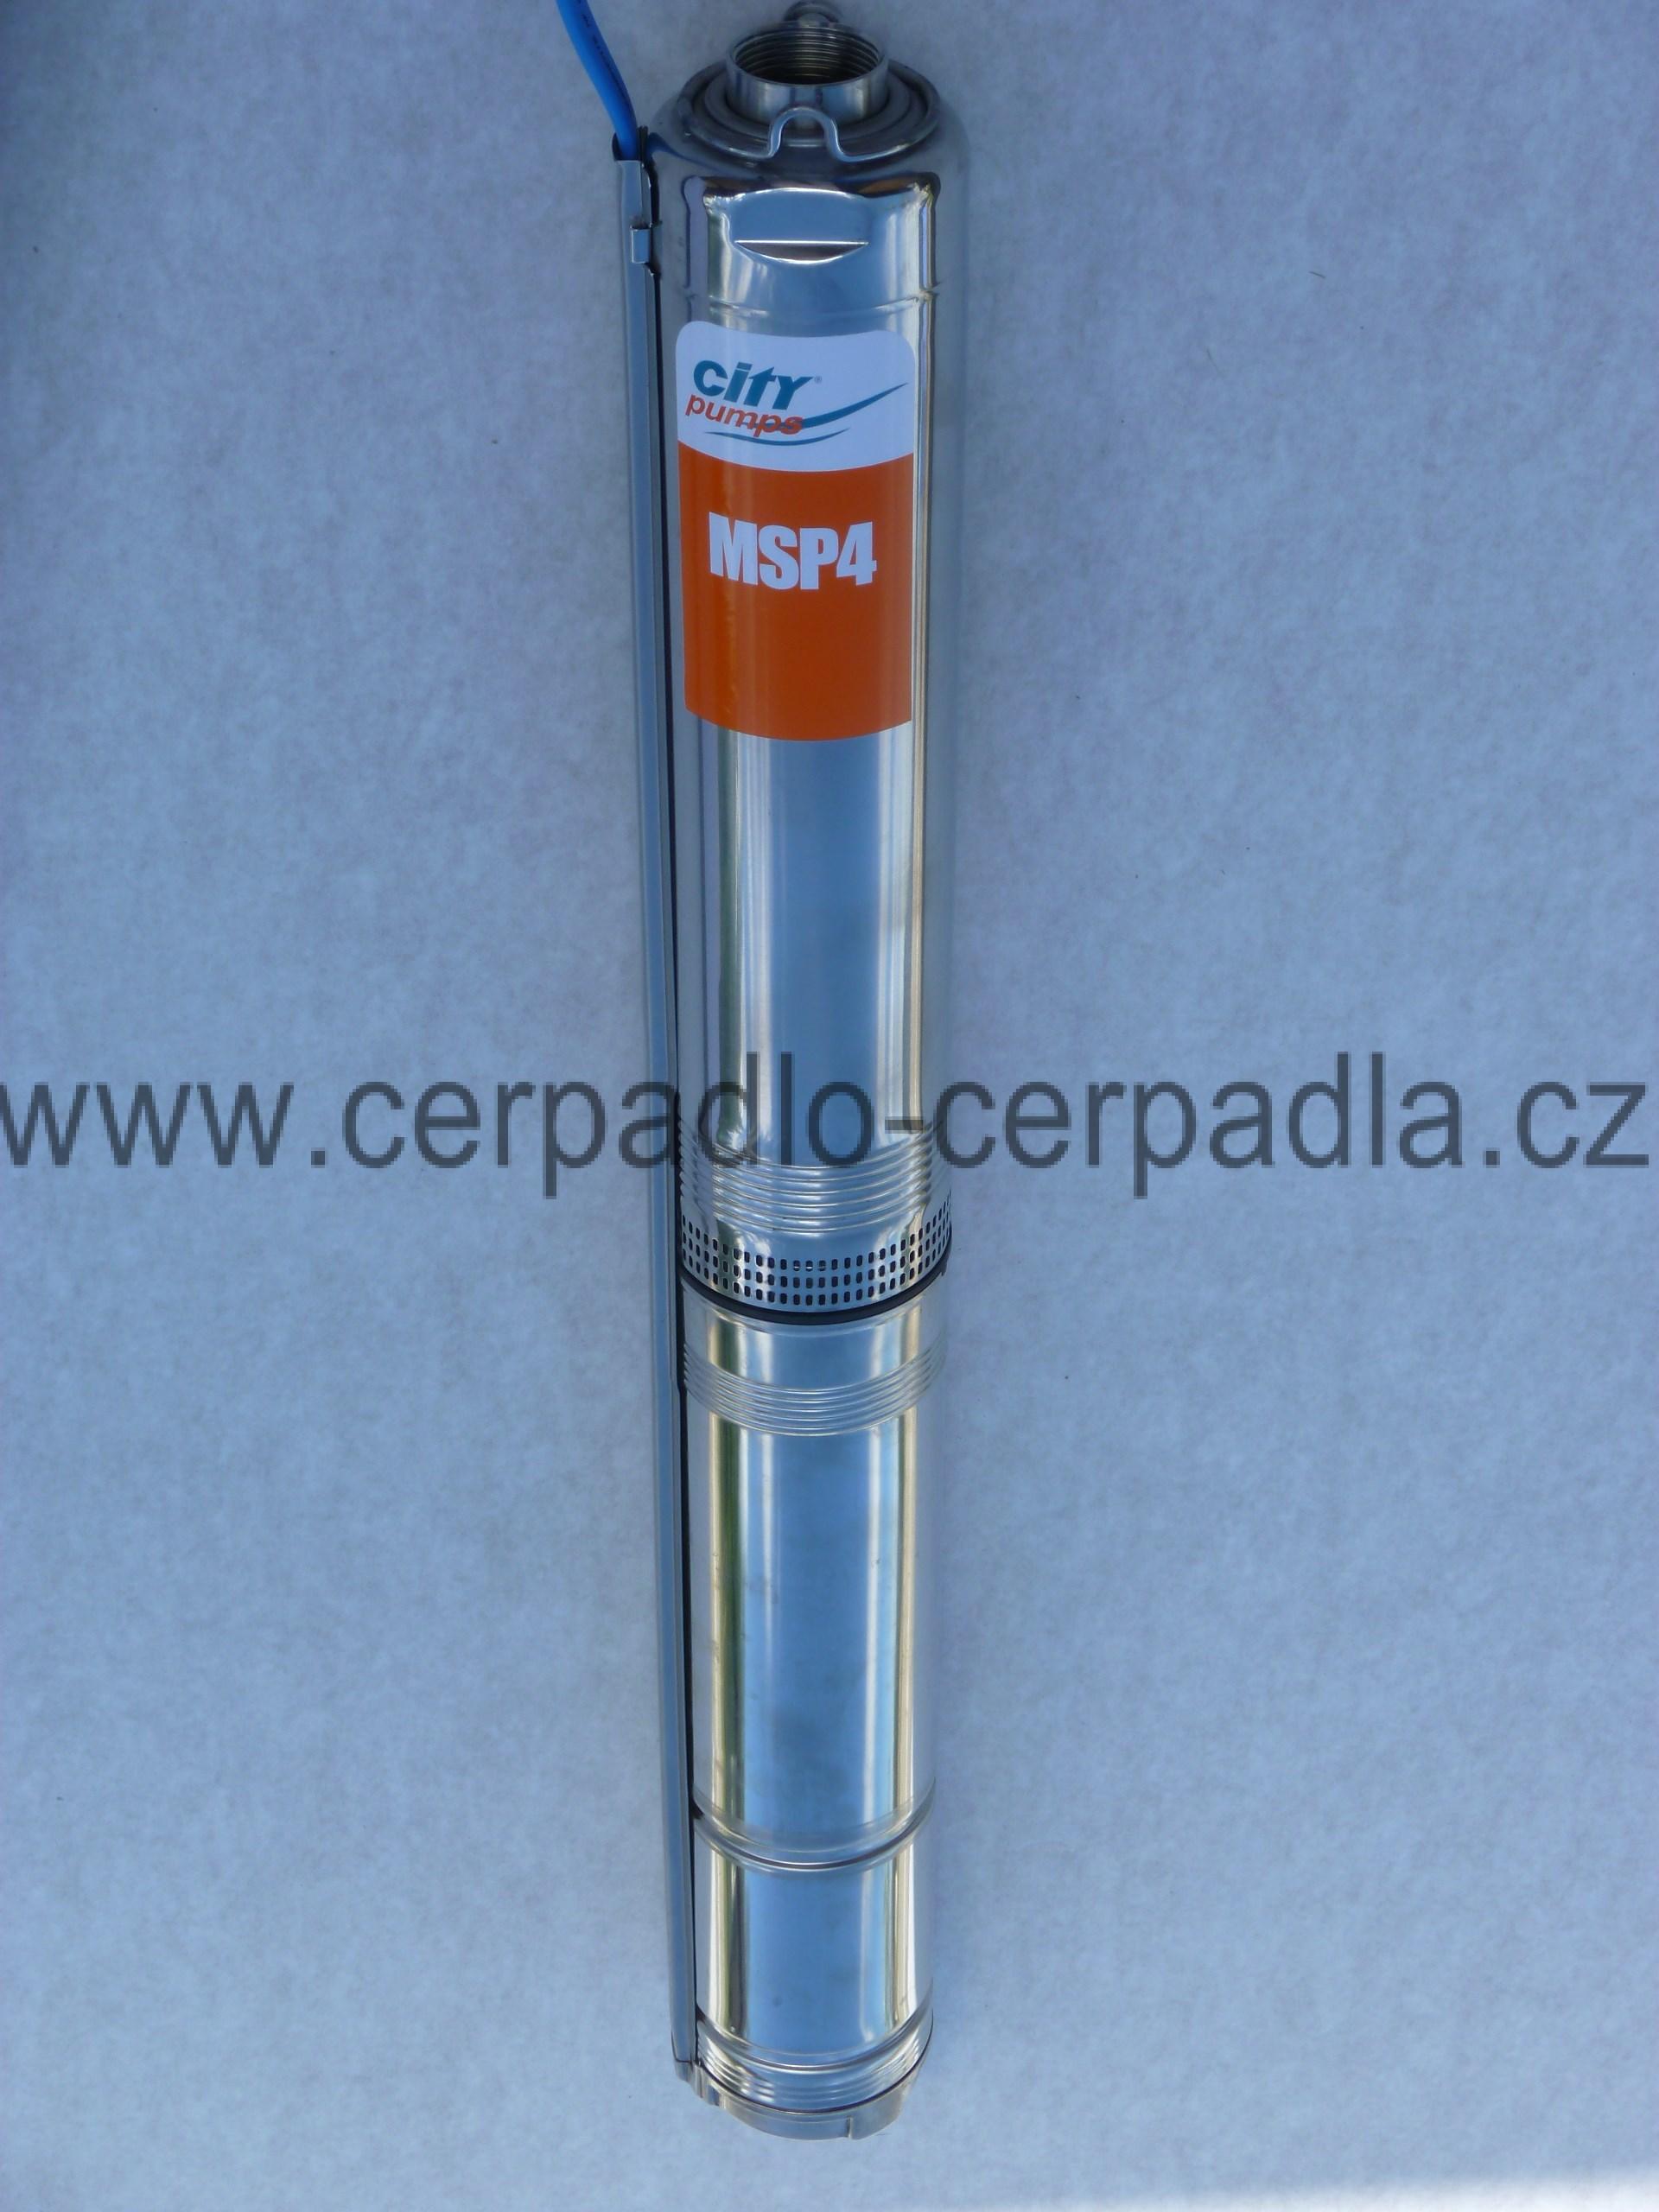 2MSP10-4 ponorné čerpadlo 20m kabel 230V, City Pumps (DOPRAVA ZDARMA, čerpadla MSP 4 do vrtu, ponorné čerpadlo)